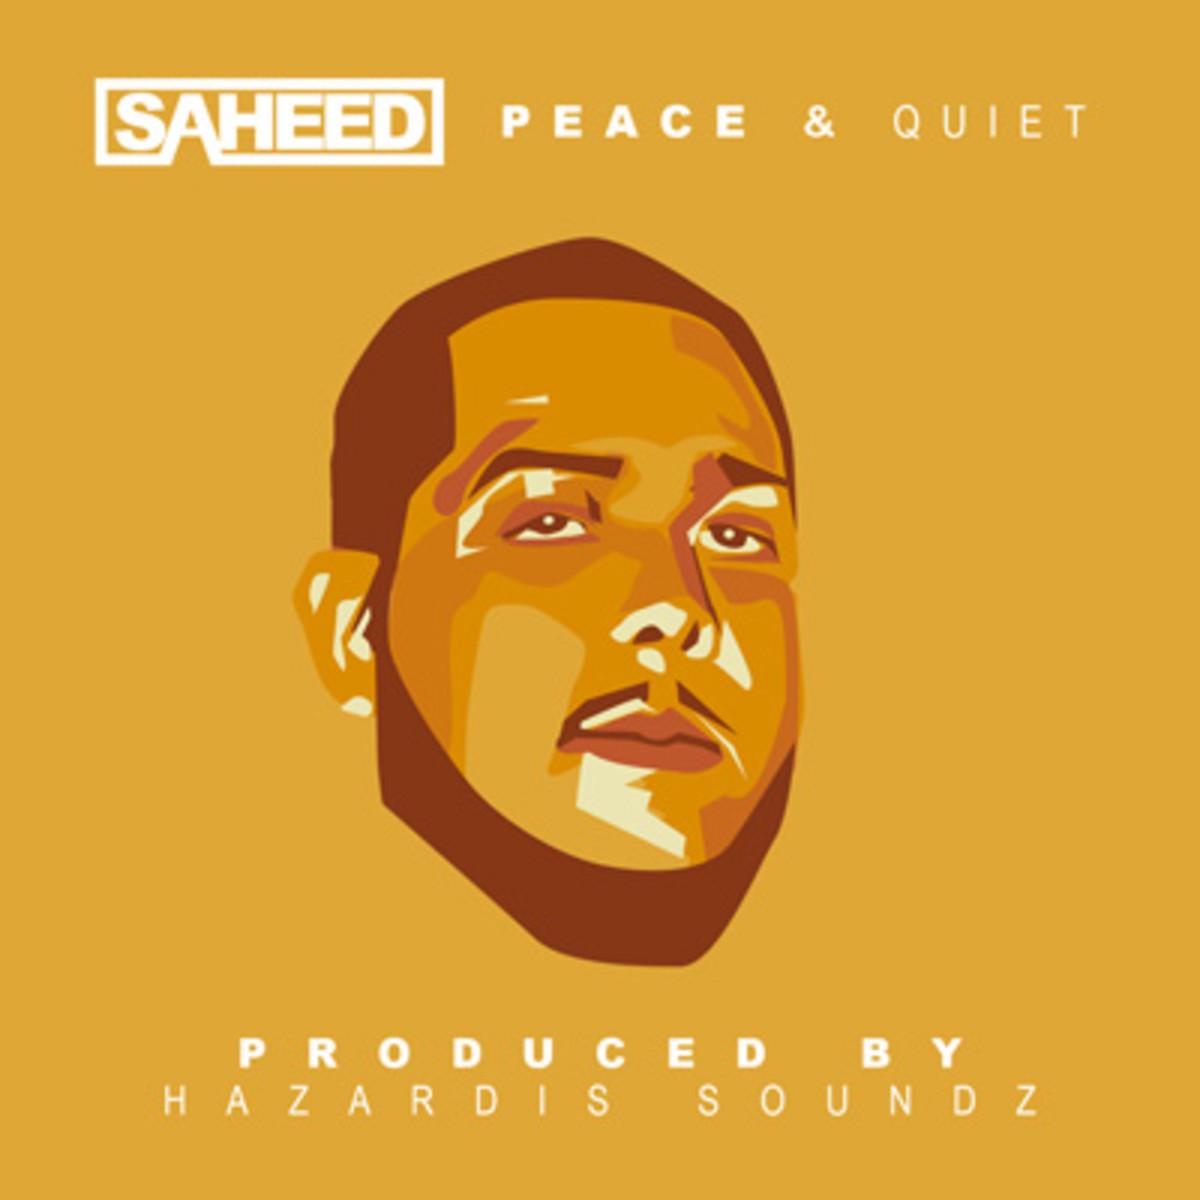 saheed-peaceandquiet.jpg